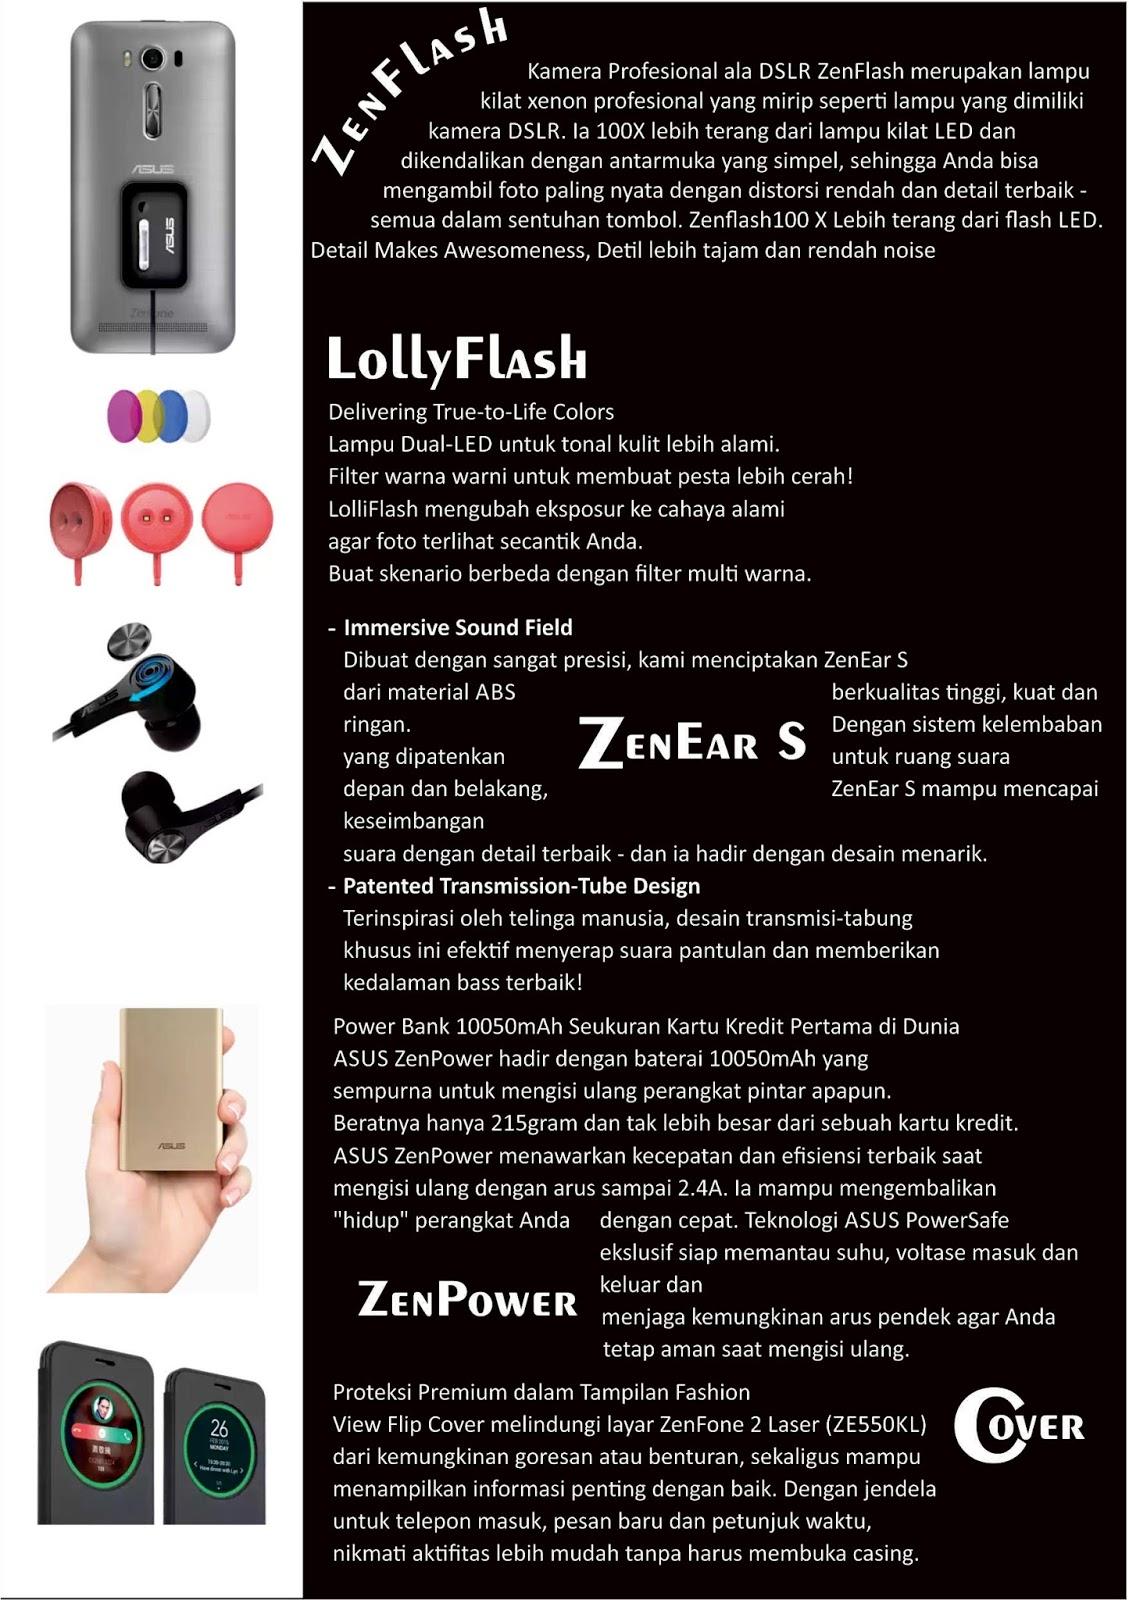 Asus Zenfone 2 Laser 60 Ze601kl Kolaborasi Visual Dan Keunggulan Free Zenflash Asesoris